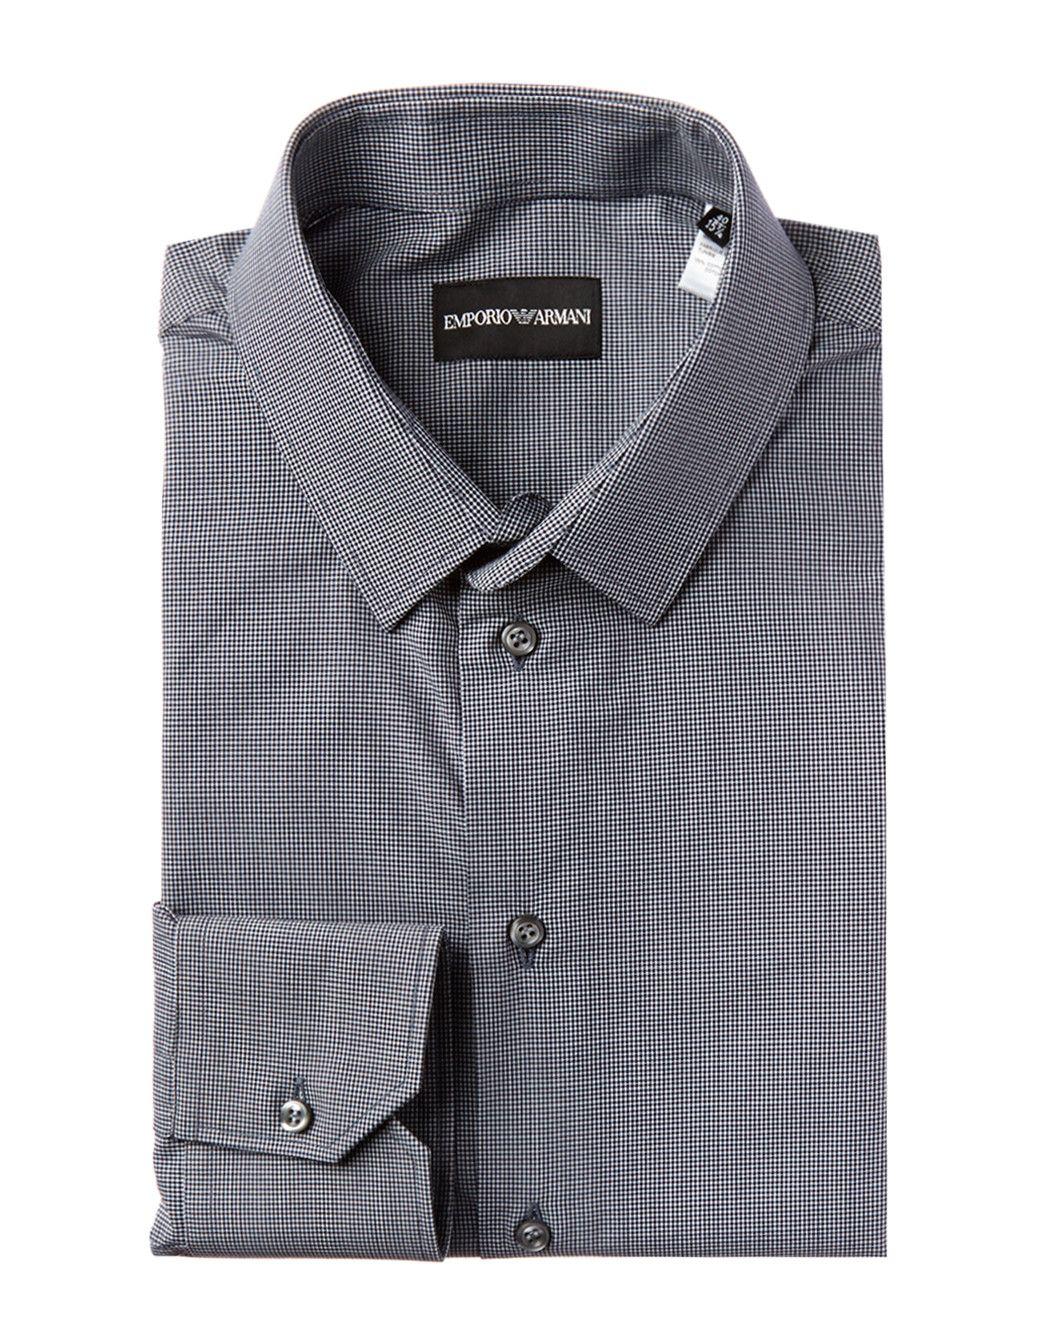 Black And White Checkered Dress Shirt